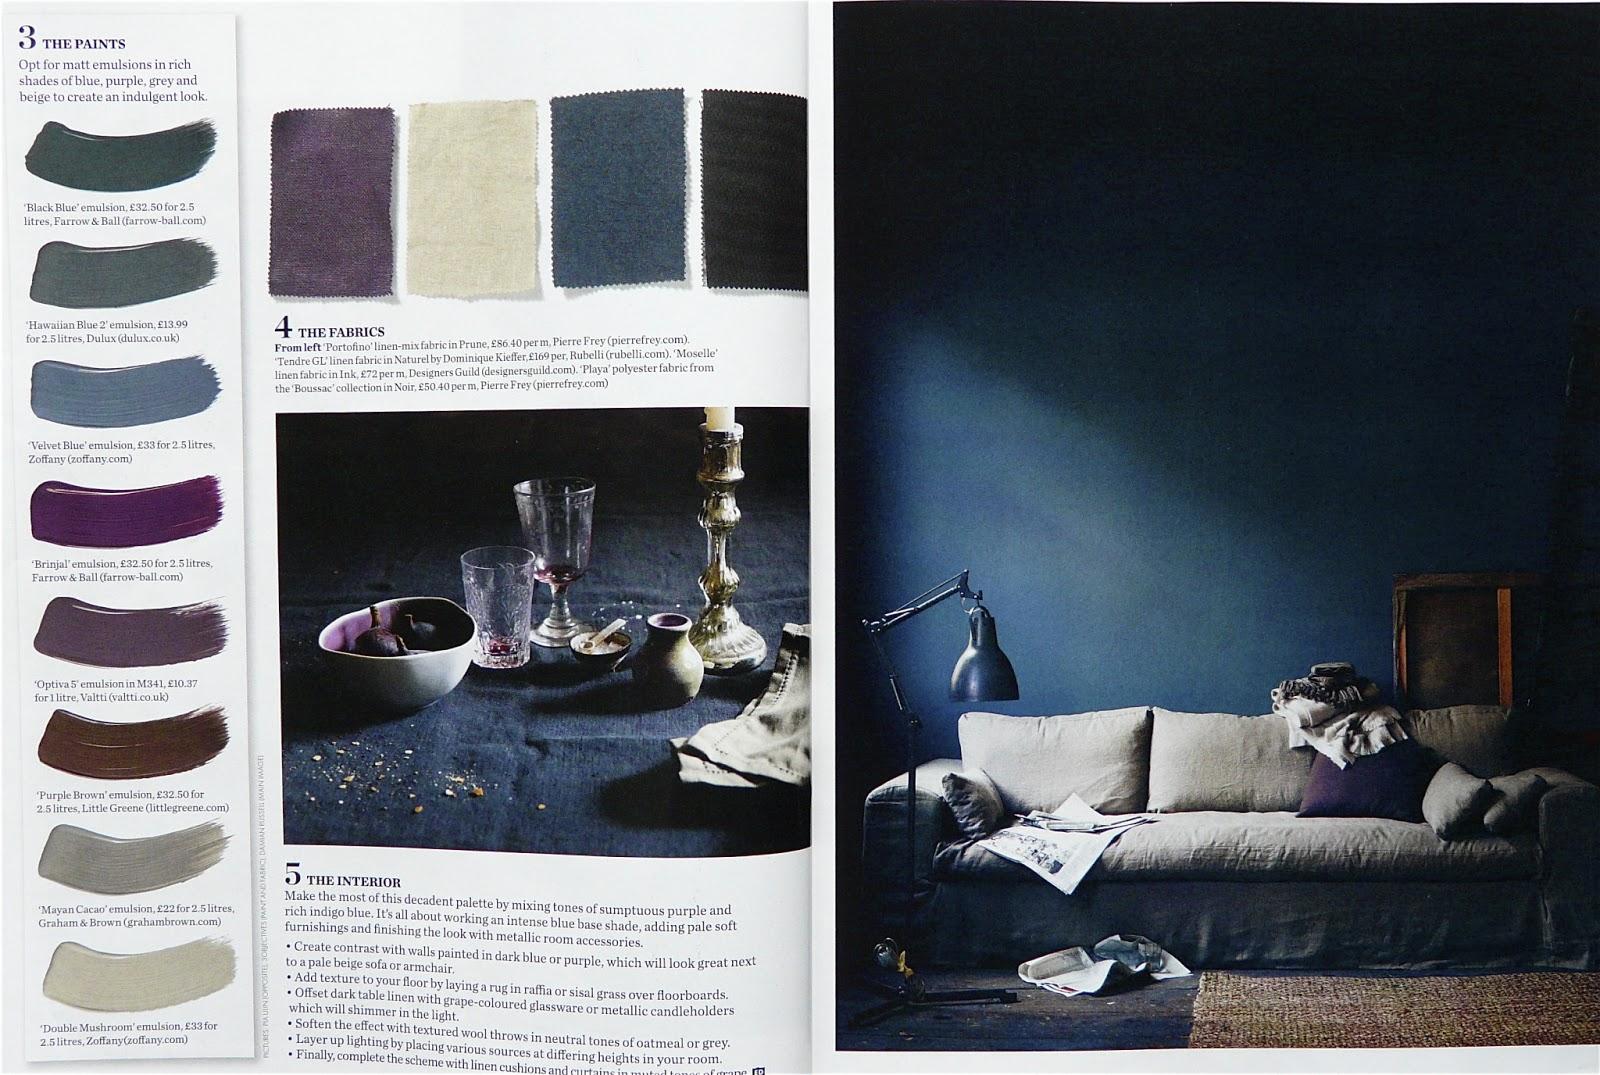 Peinture marque colours awesome peinture marque colours for Marque peinture castorama